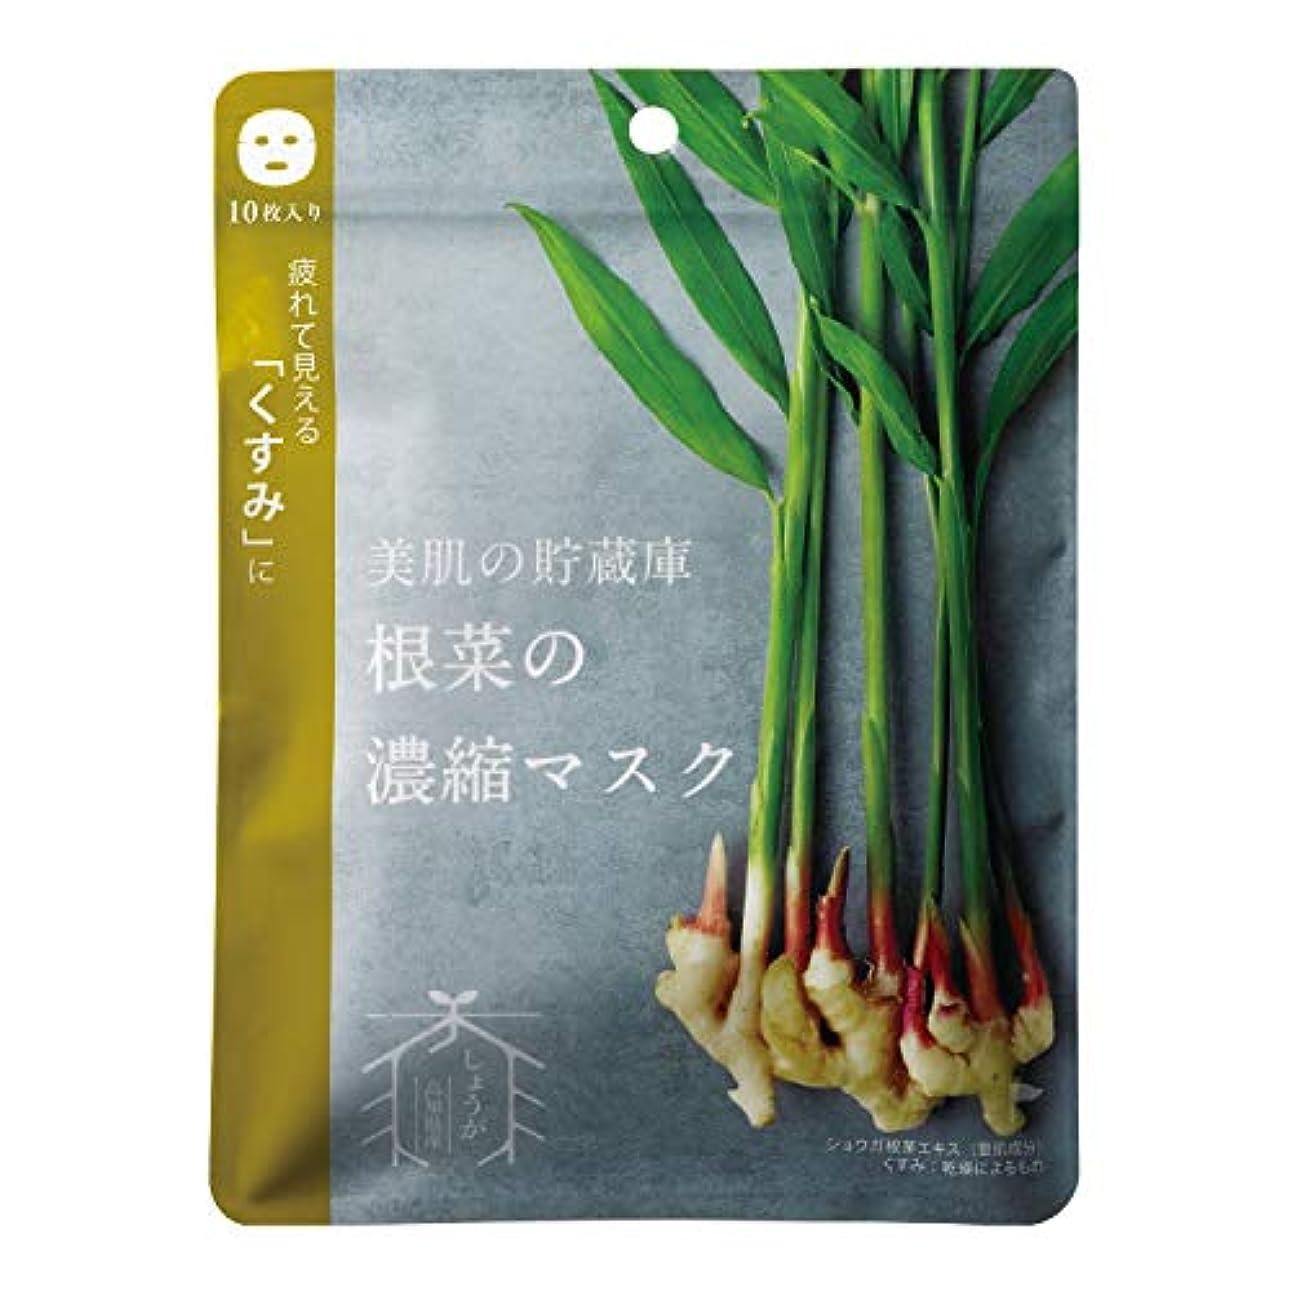 崇拝する強いますバンケット@cosme nippon 美肌の貯蔵庫 根菜の濃縮マスク 土佐一しょうが 10枚 160ml